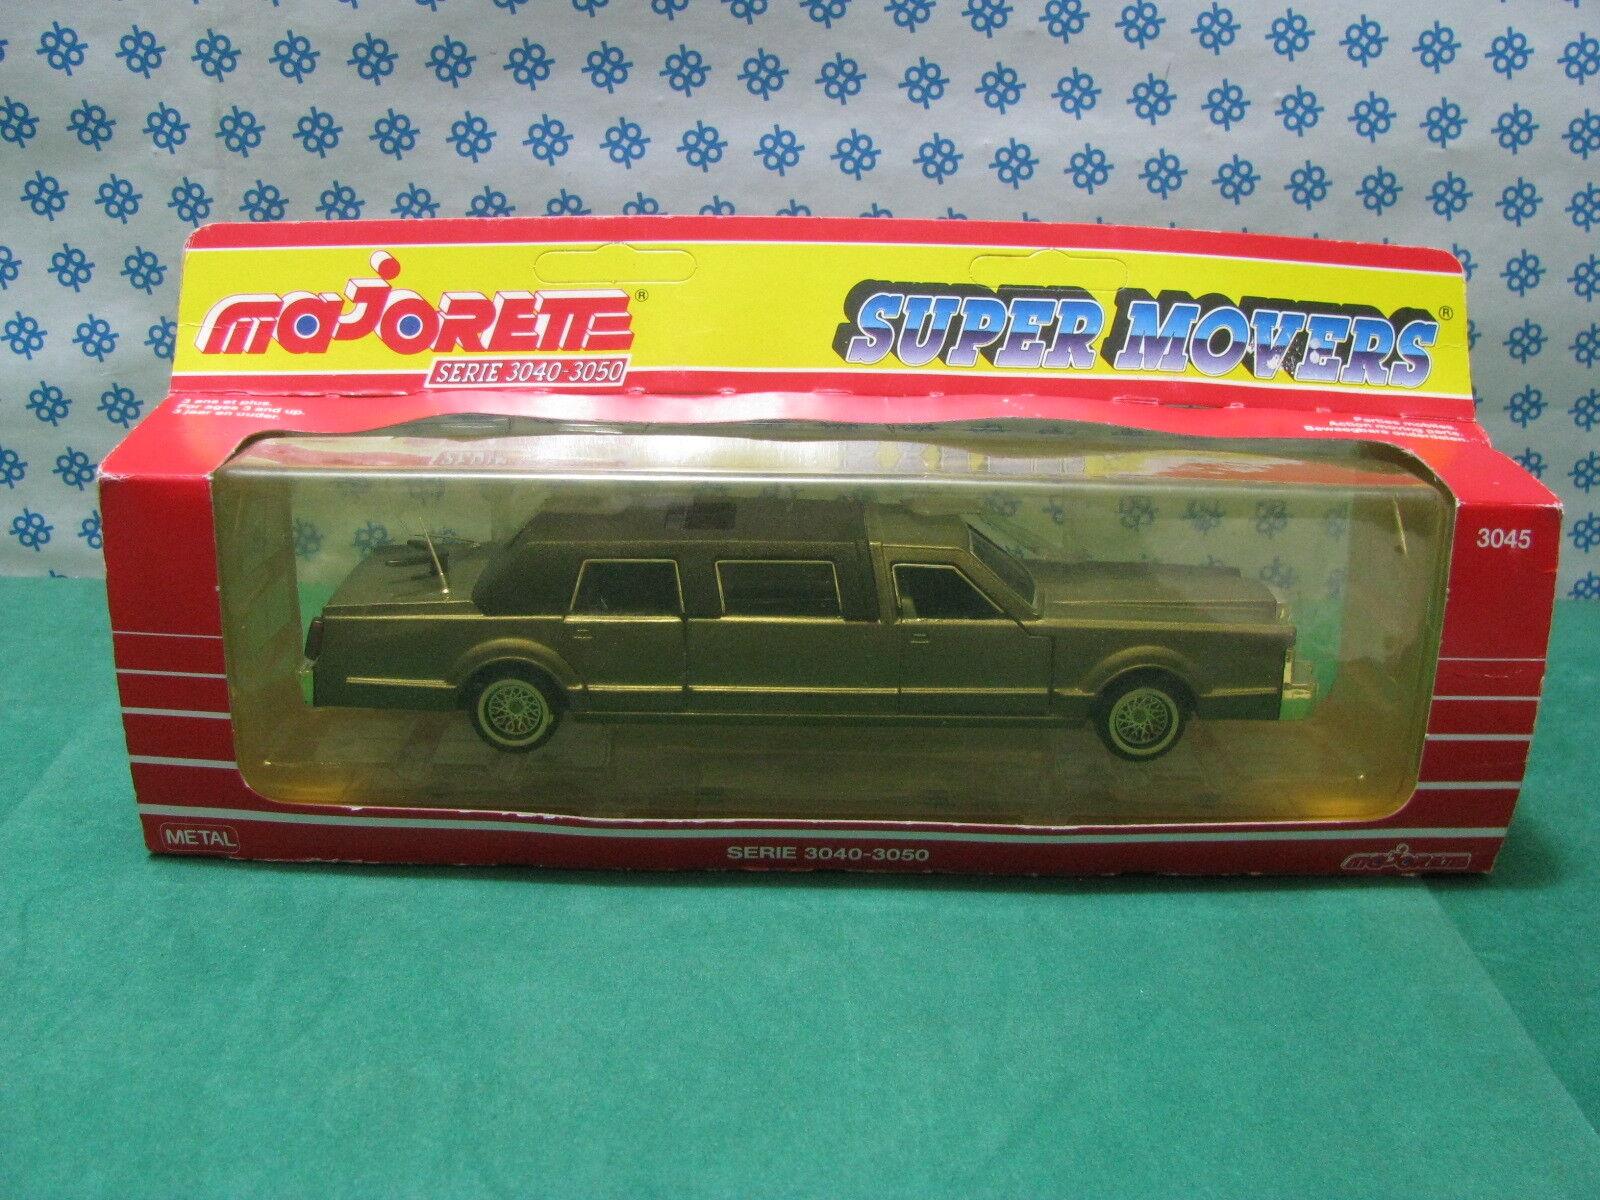 Vintage-limusina G - 1 32 Autos Majorette Super Movers Serie Ref.3045